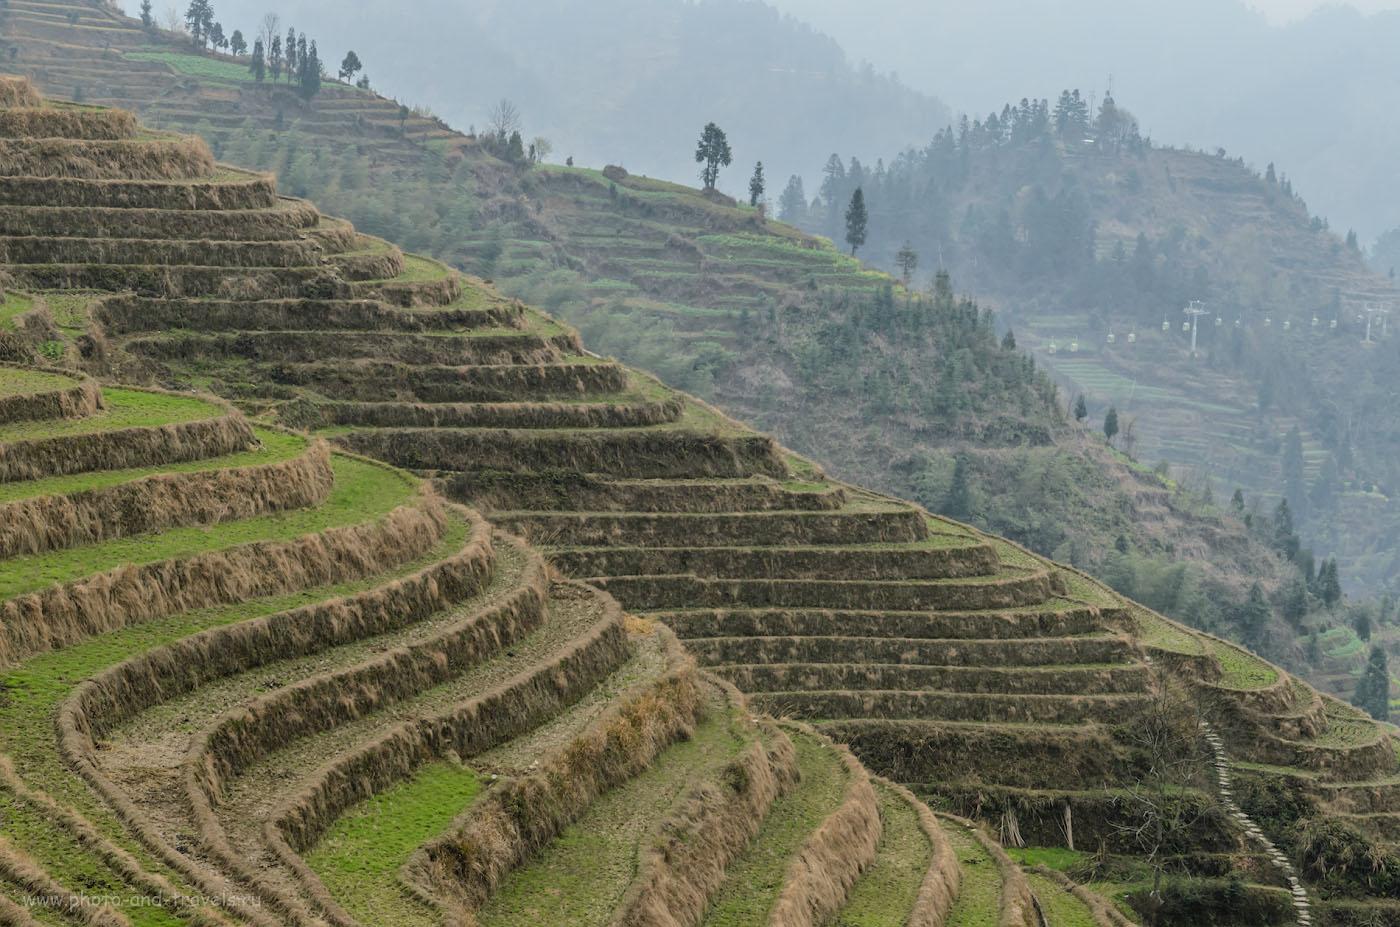 Фото 5. Экскурсионные туры в Китай самостоятельно. Вдалеке видна вновьпостроенная канатная дорога на рисовых террасах Лонгшэнь